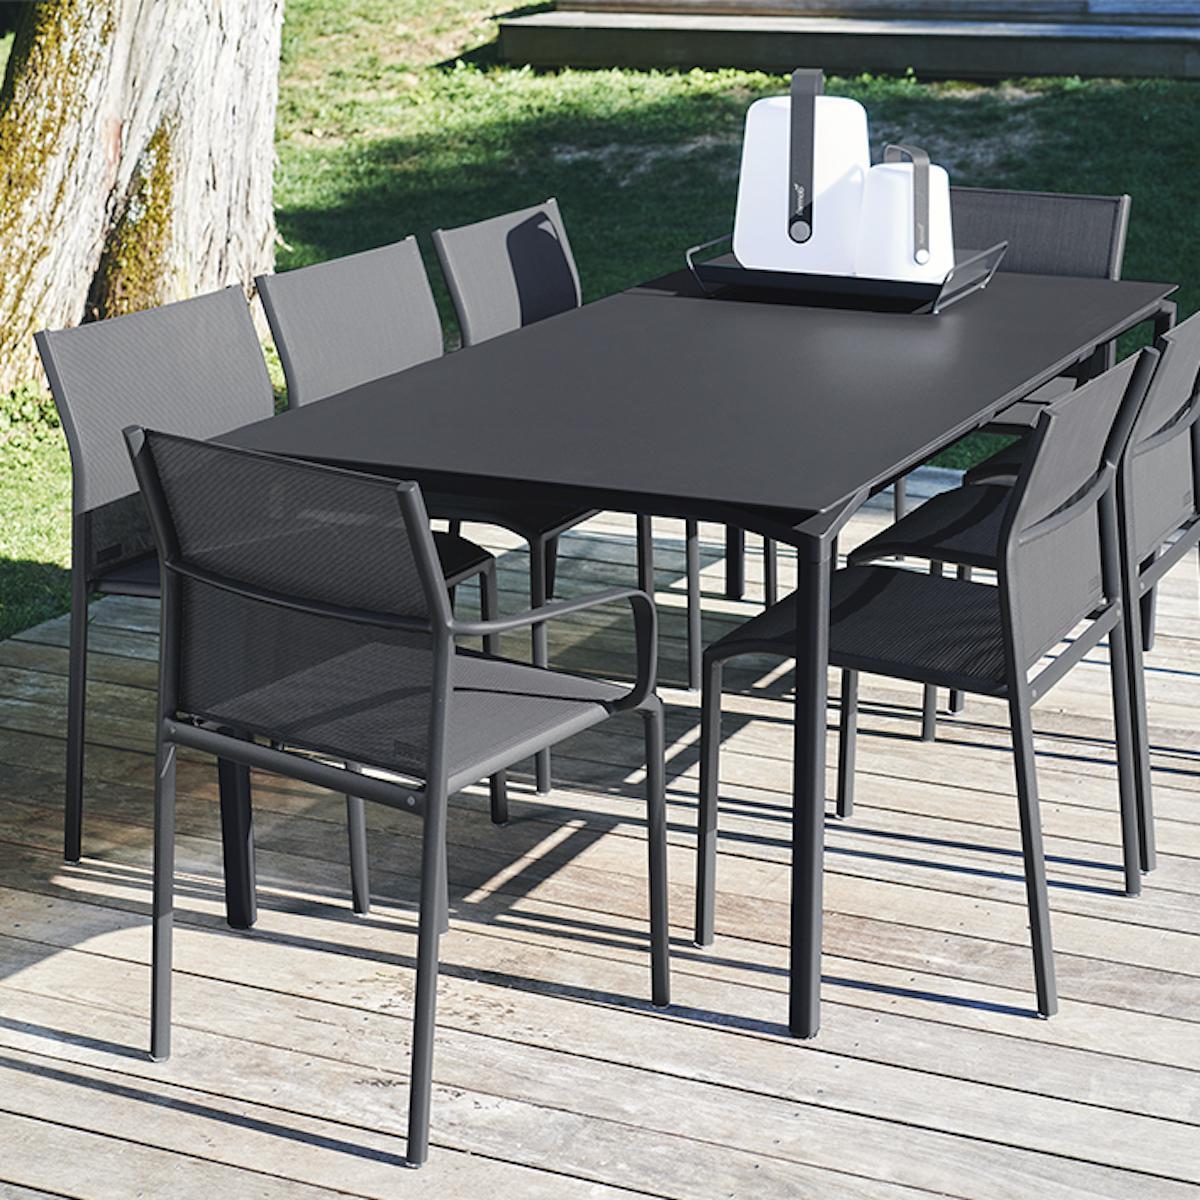 Table 95x195cm CALVI Fermob noir réglisse